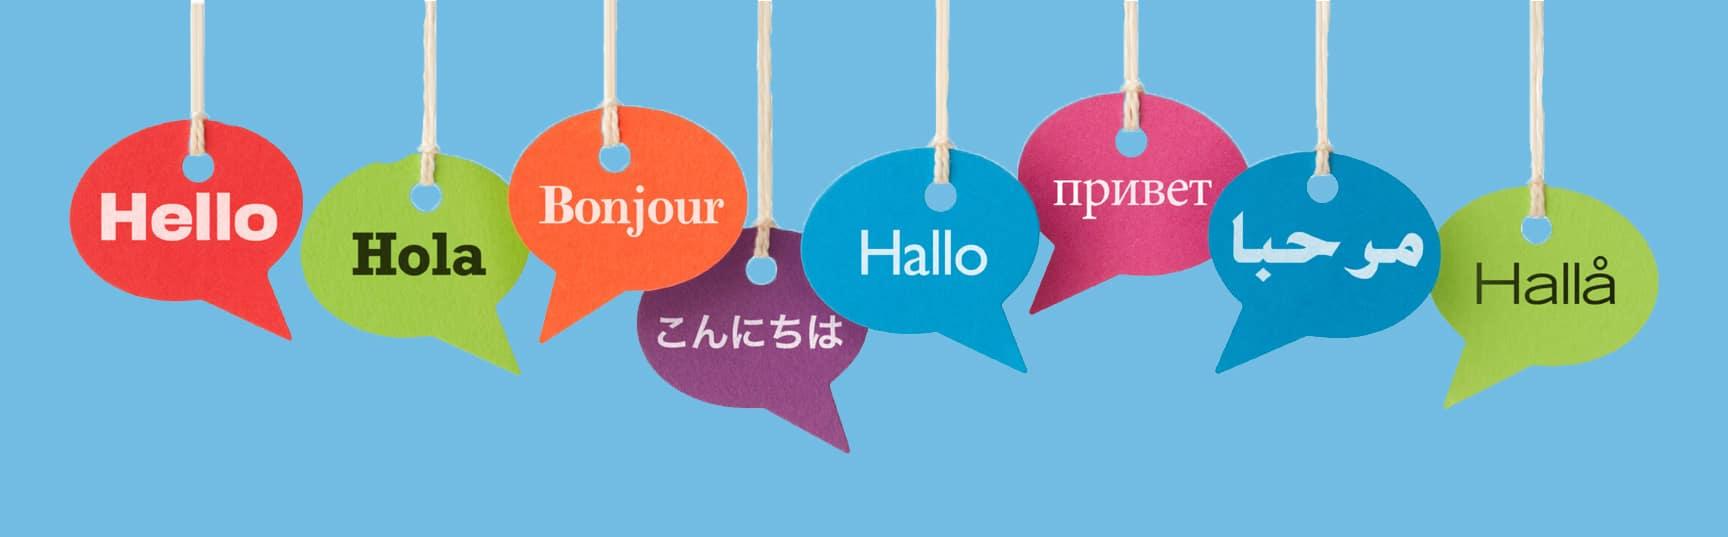 Les salutations dans plusieurs langues